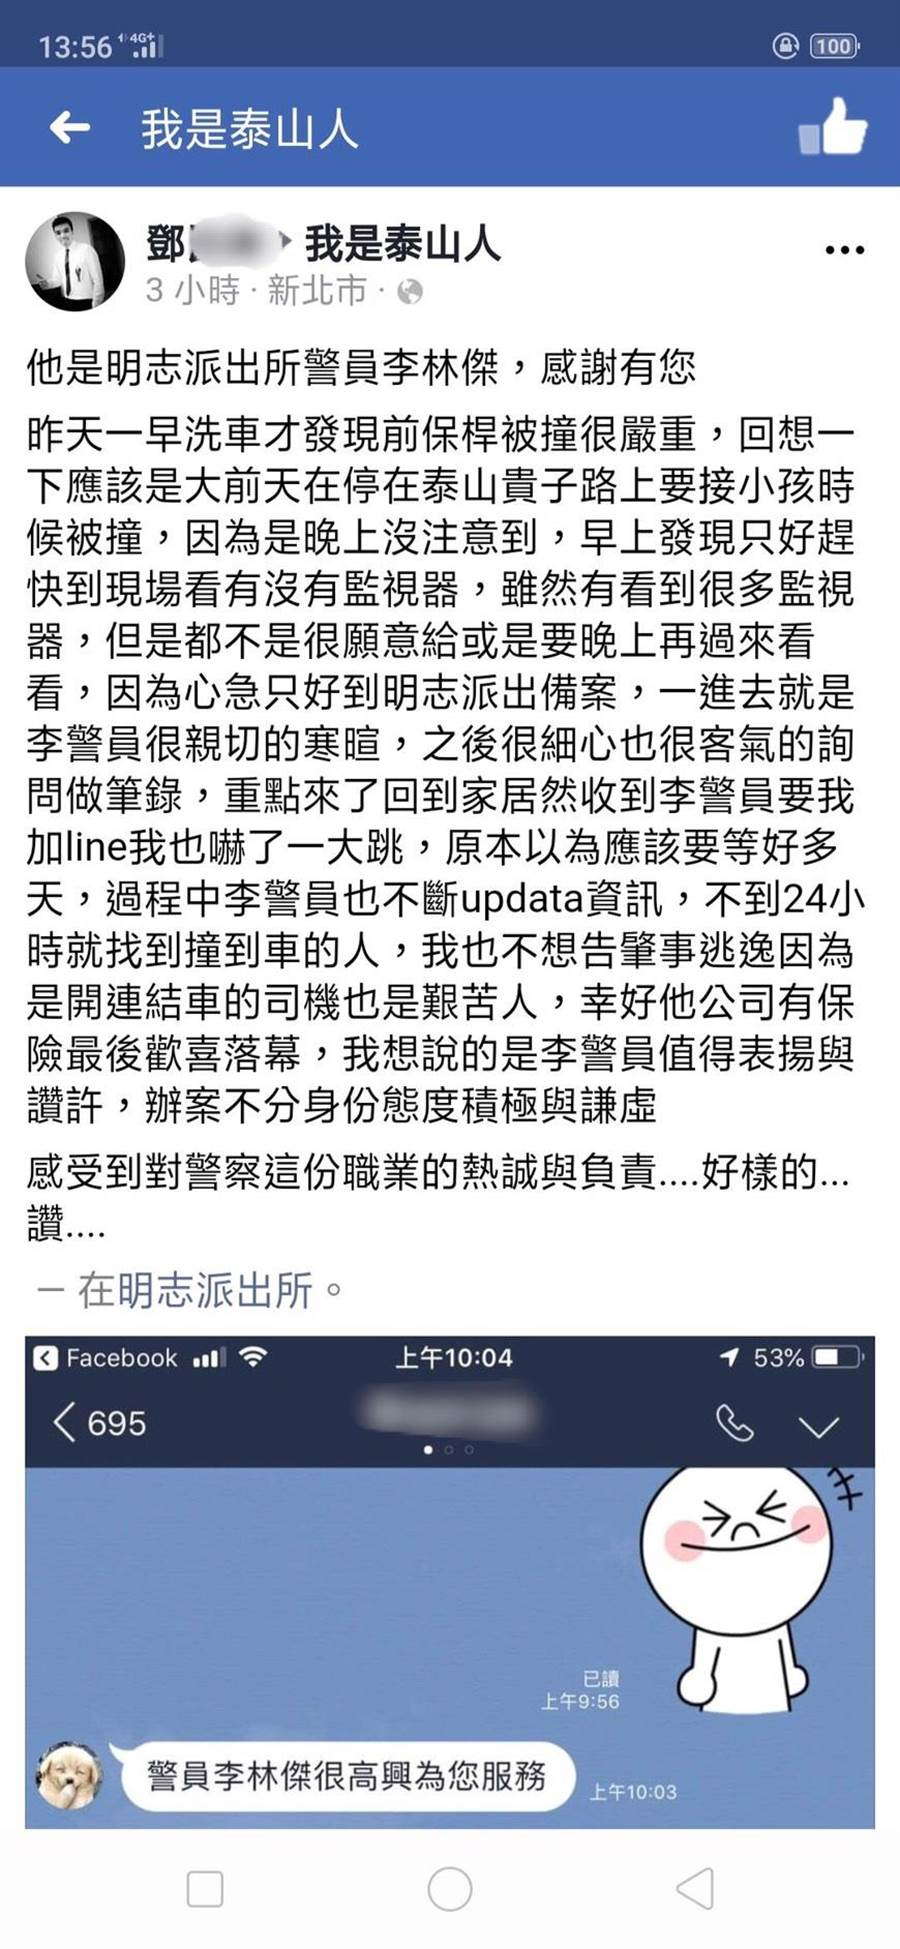 鄧男在臉書社團「我是泰山人」po文,大讚李員熱心又有耐心,直呼「好樣的」。(吳亮賢翻攝)